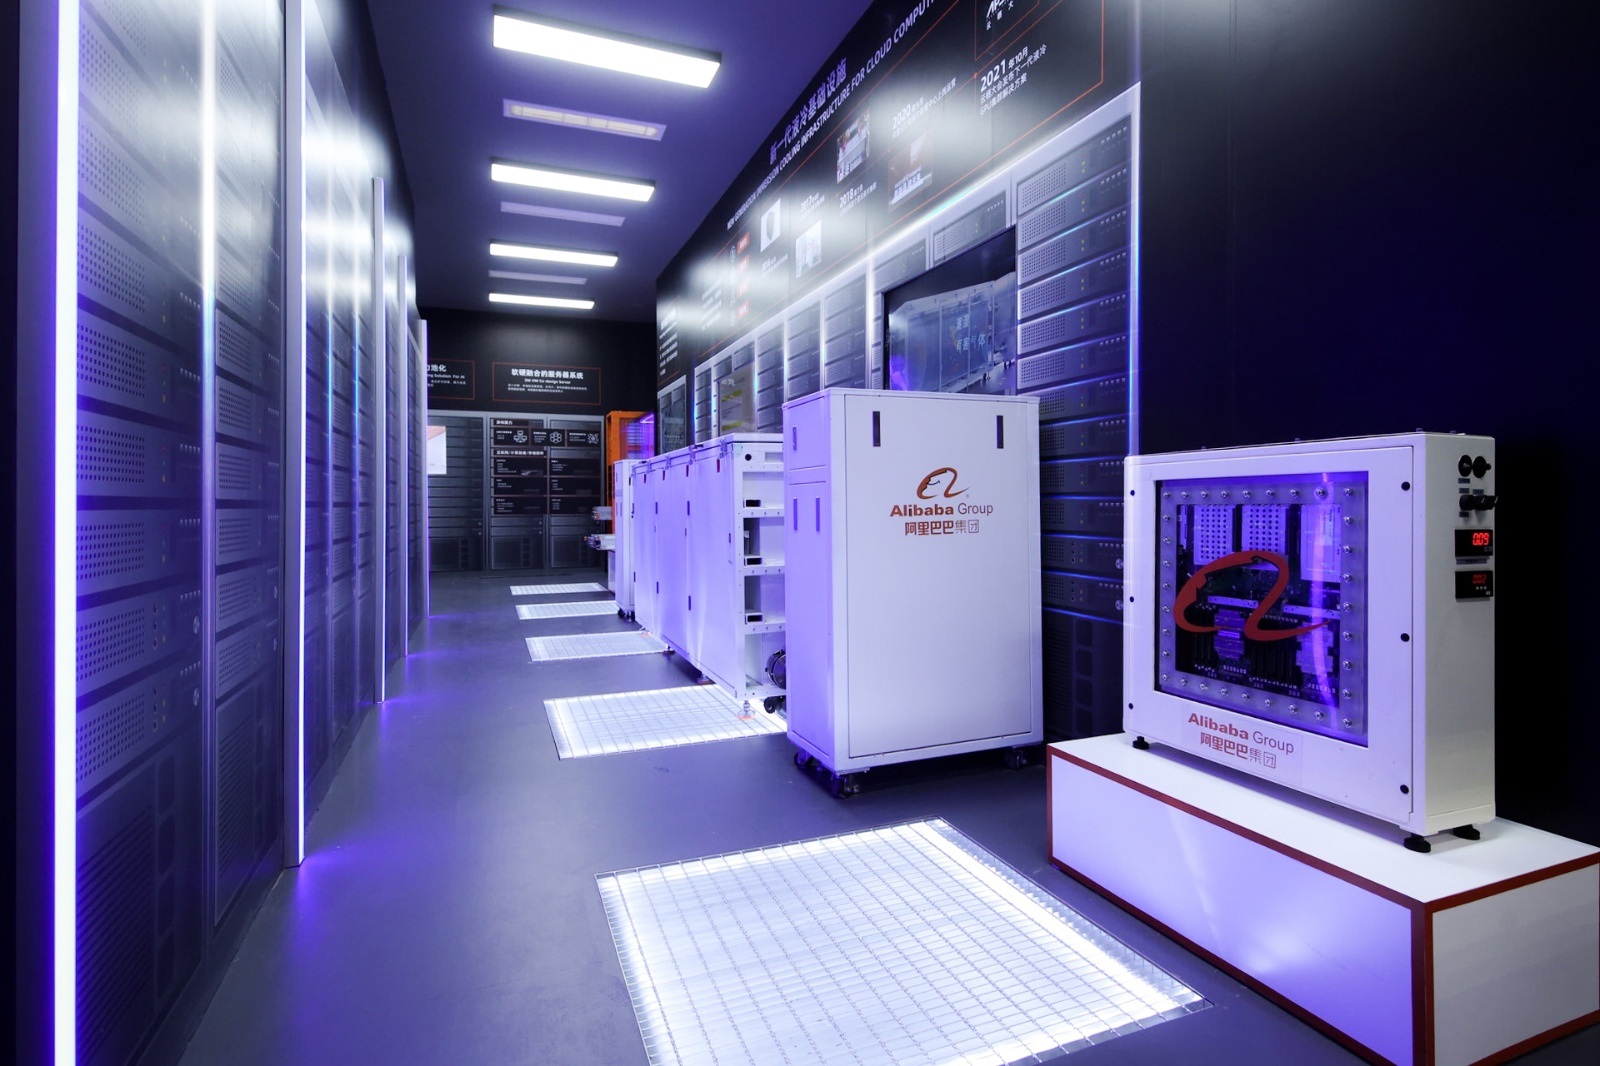 Alibaba Cloud Meluncurkan Data Center Terbaru dan Melakukan Produk Inovasi untuk Menyambut Masa Depan Hybrid